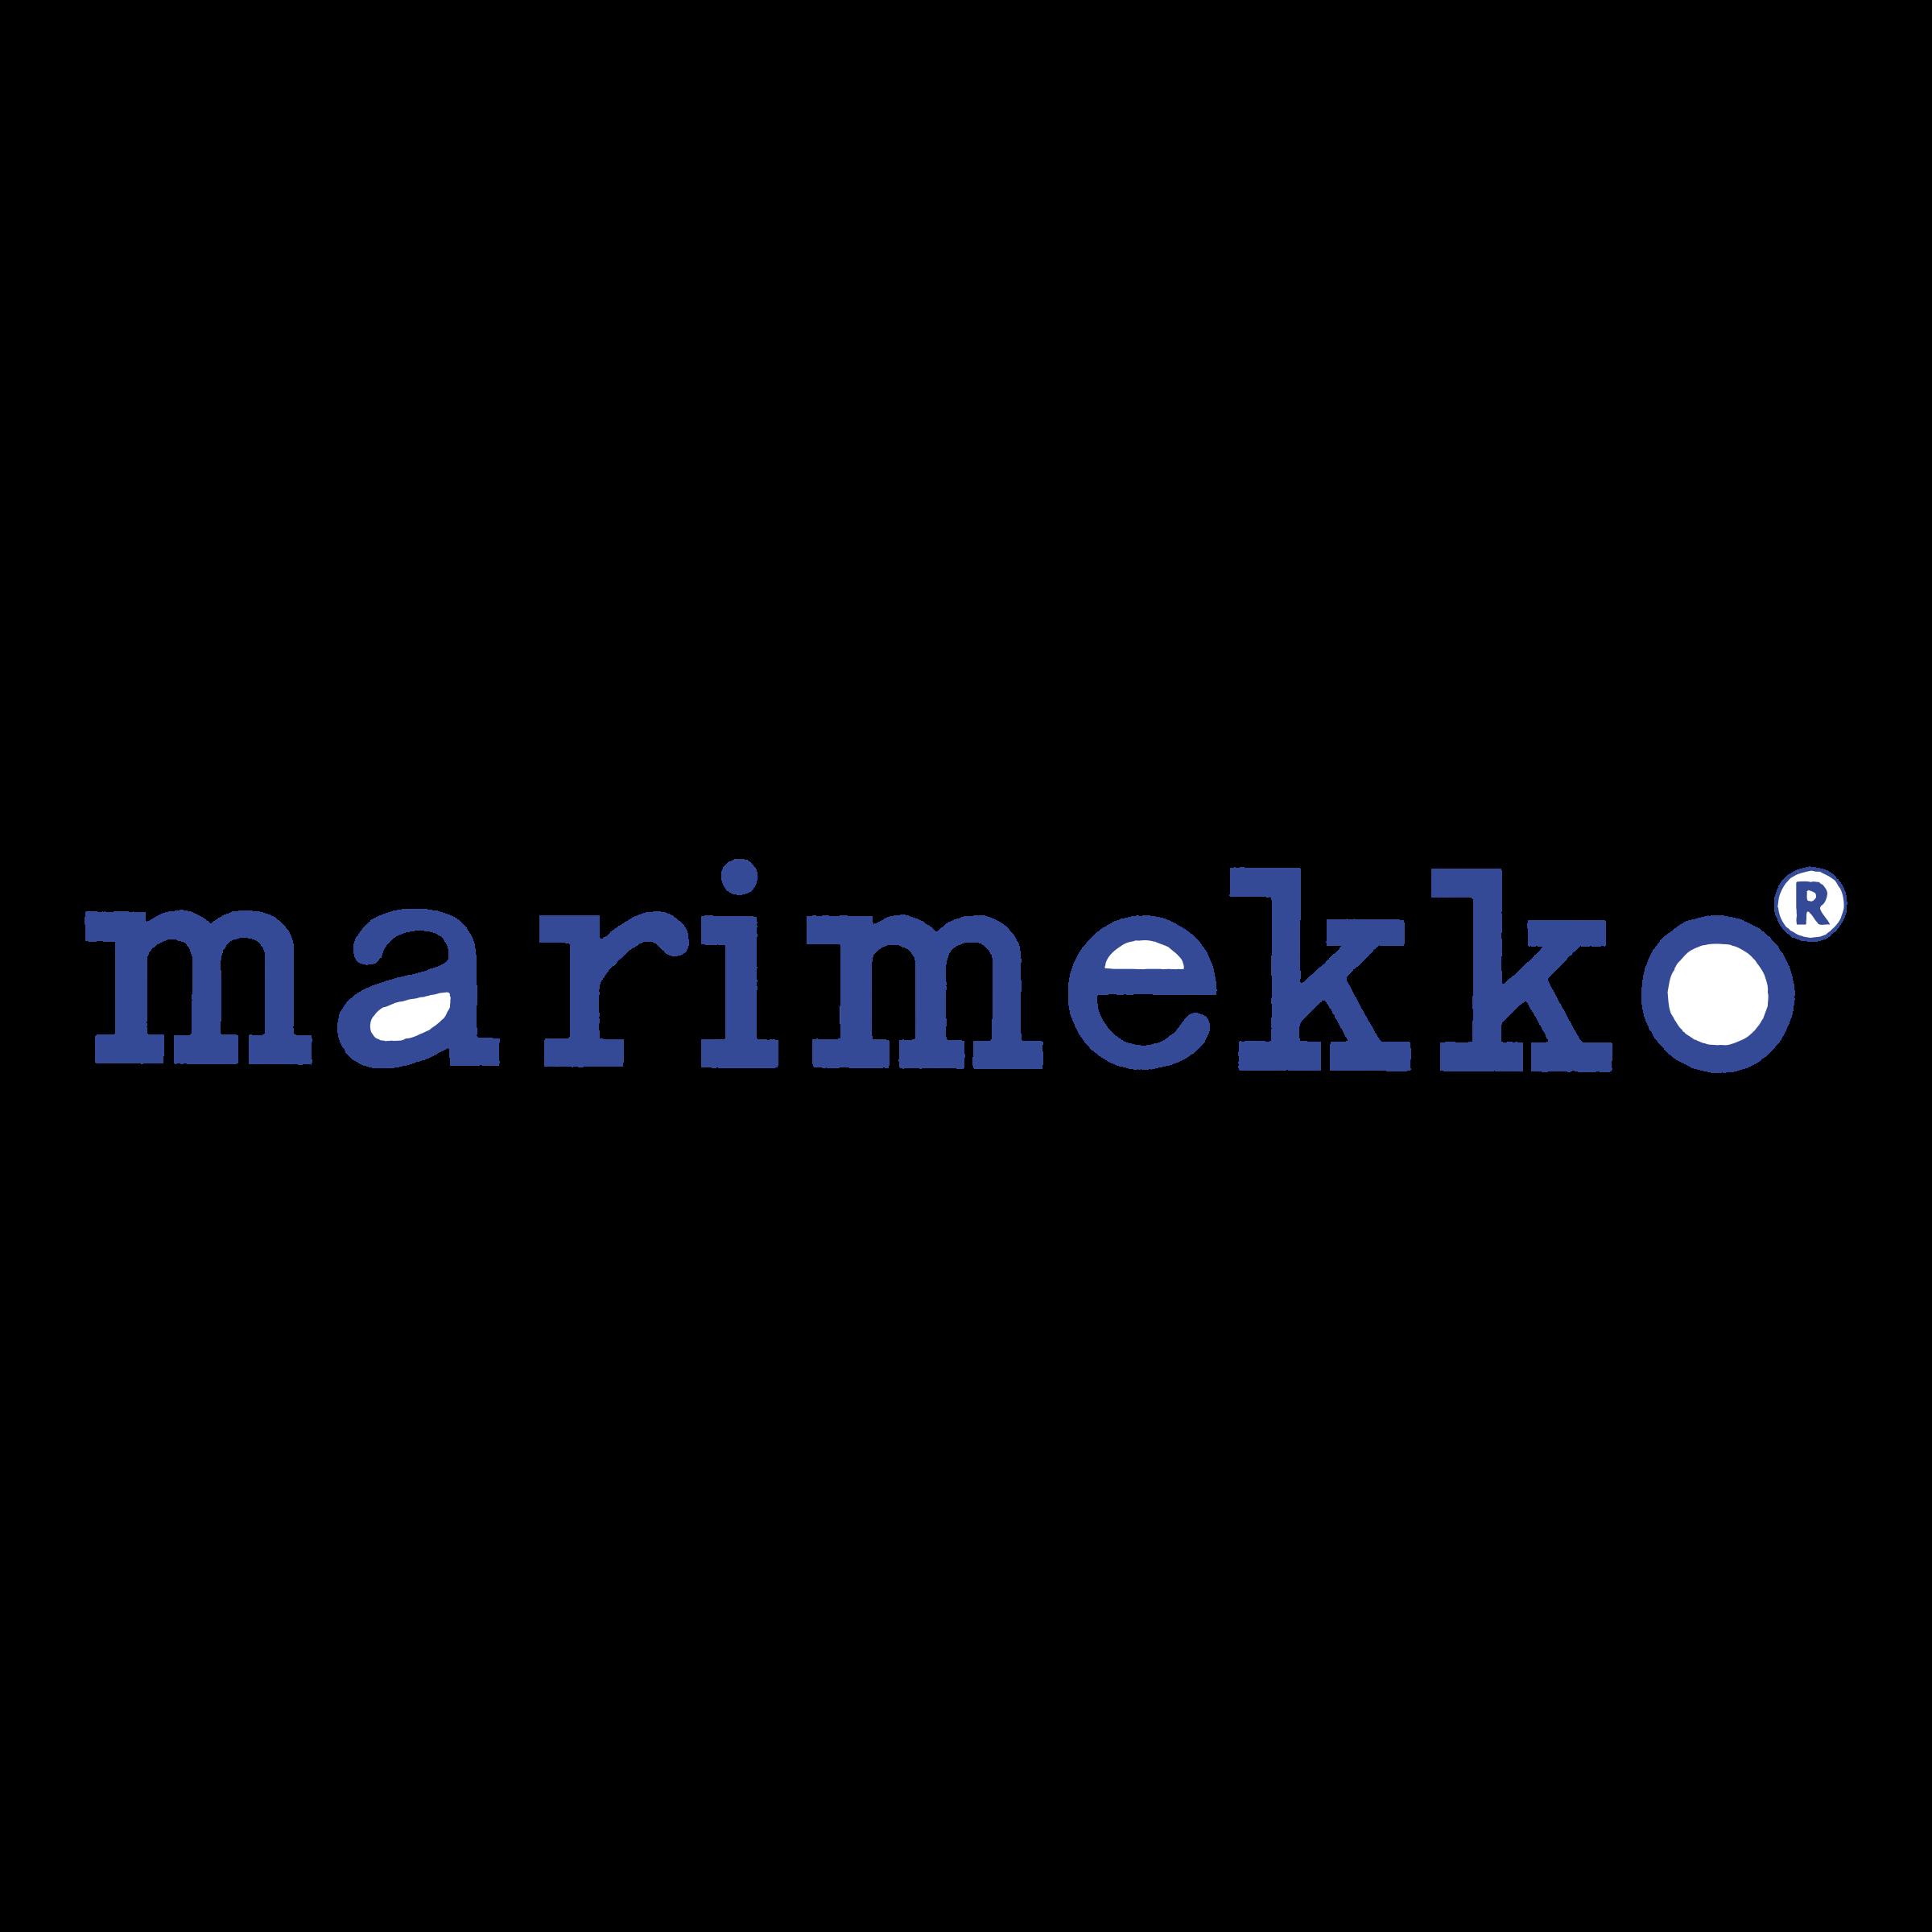 marimekko-logo-png-transparent